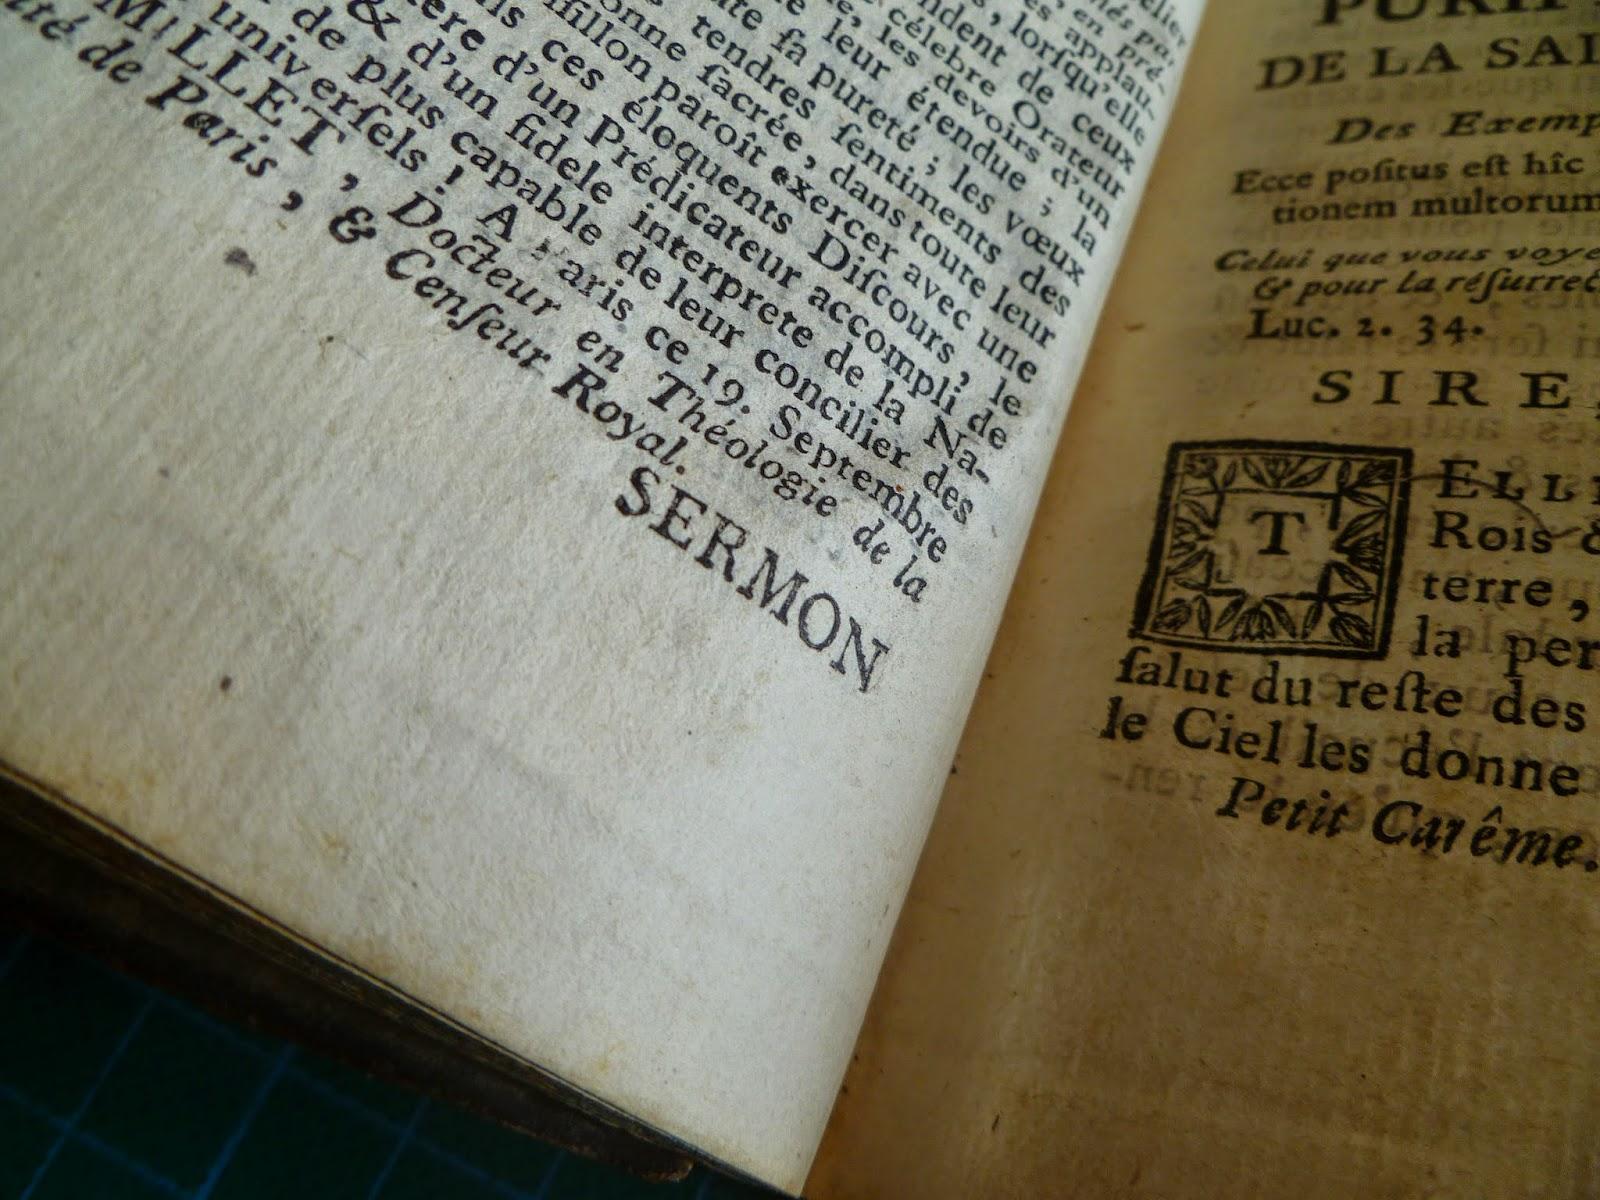 Fabulous Reliure et autres explications  Trôo  Restauration de livres  GK21